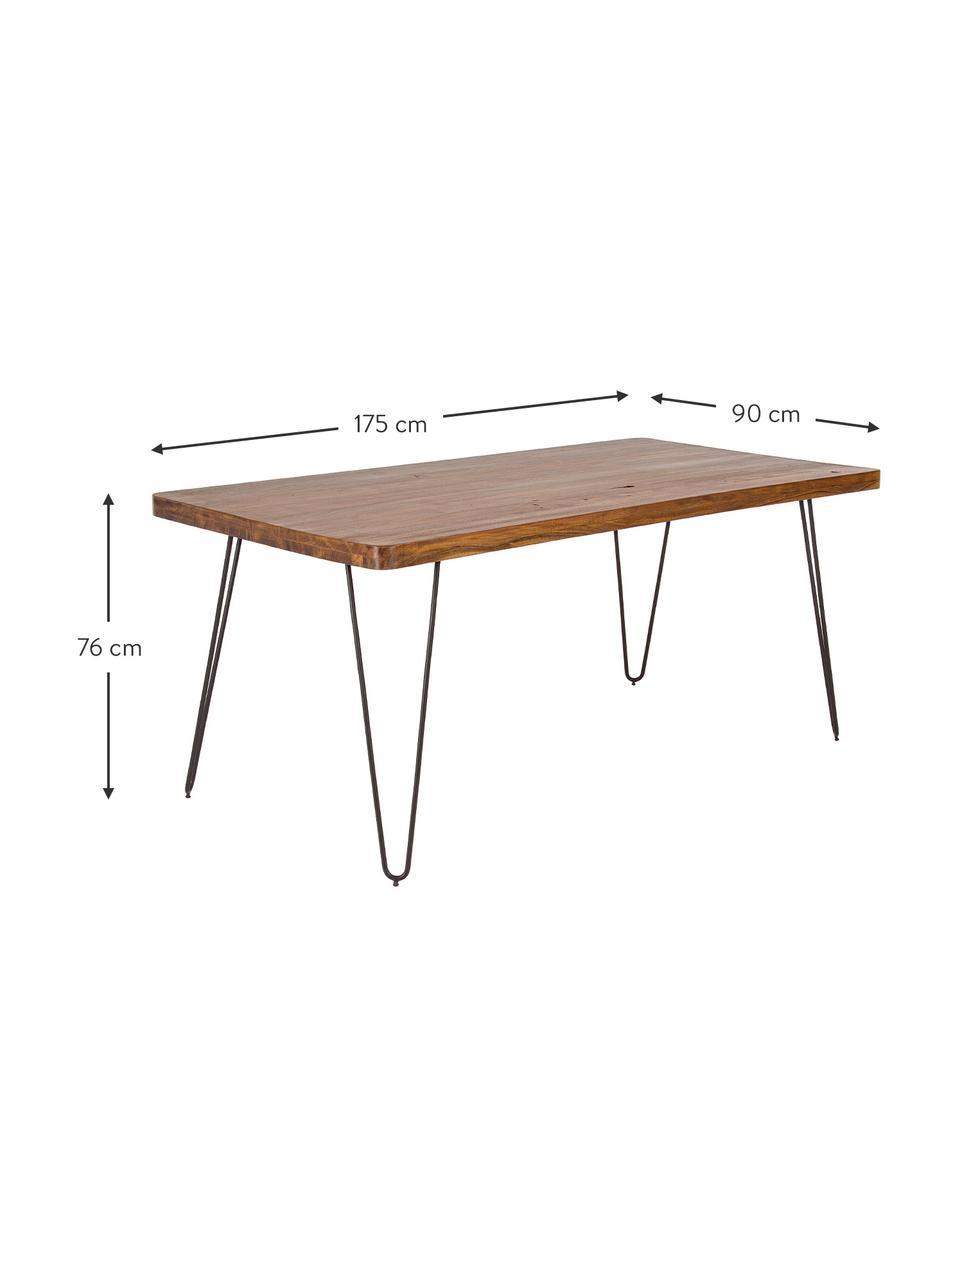 Esstisch Edgar mit Massivholzplatte, Tischplatte: Akazienholz, Beine: Metall, Akazienholz, B 175 x T 90 cm